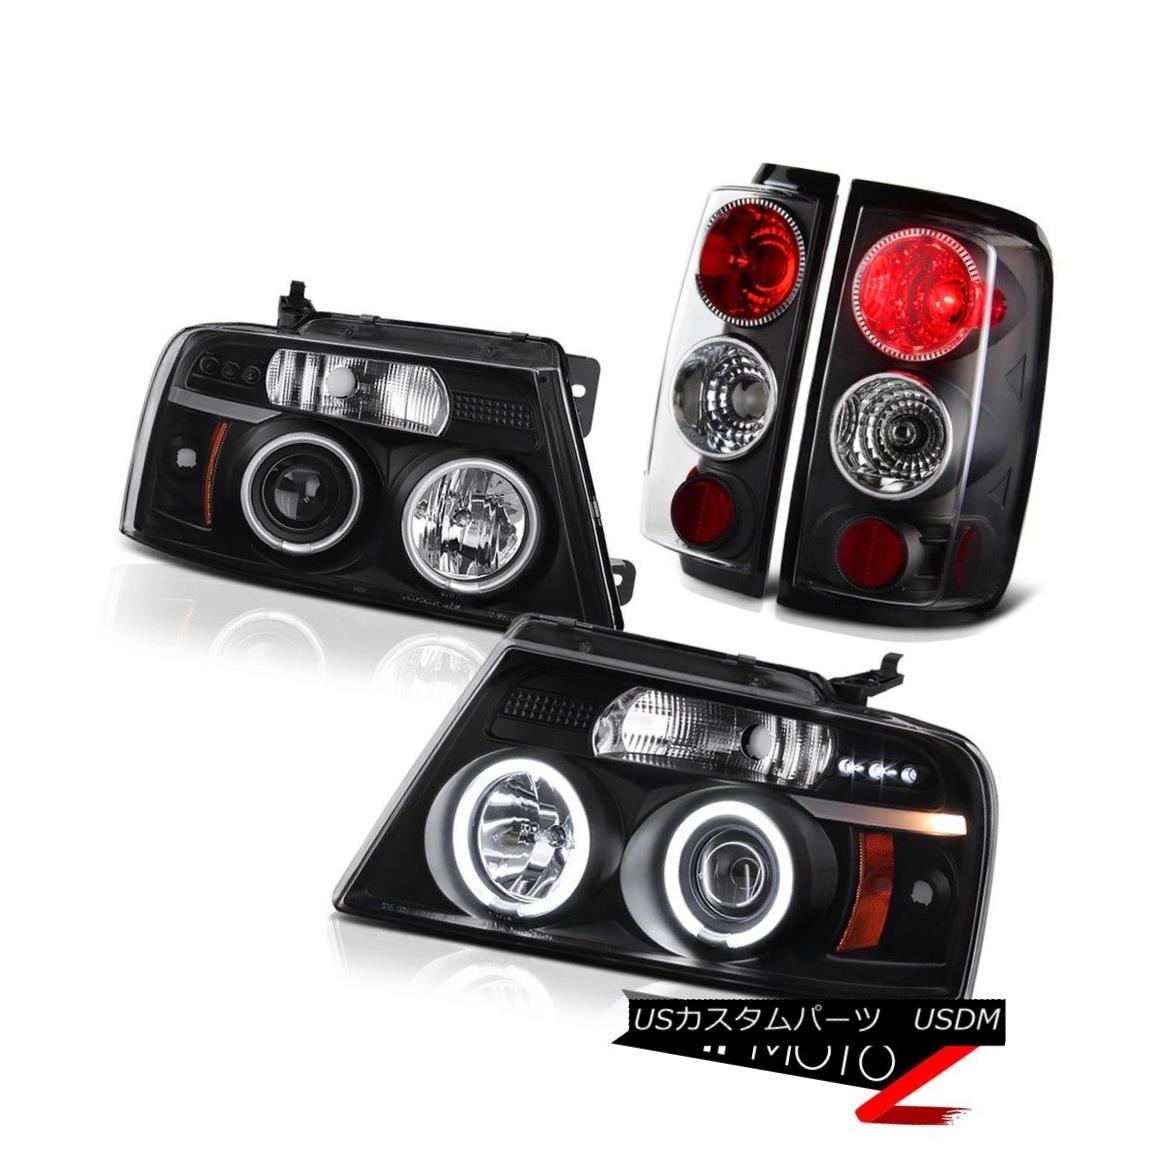 テールライト 2004-2008 Ford F150 Black CCFL Angel Eye LED Headlight Rear Tail Lights Lamp RED 2004-2008フォードF150ブラックCCFLエンジェルアイLEDヘッドライトリアテールライトランプレッド